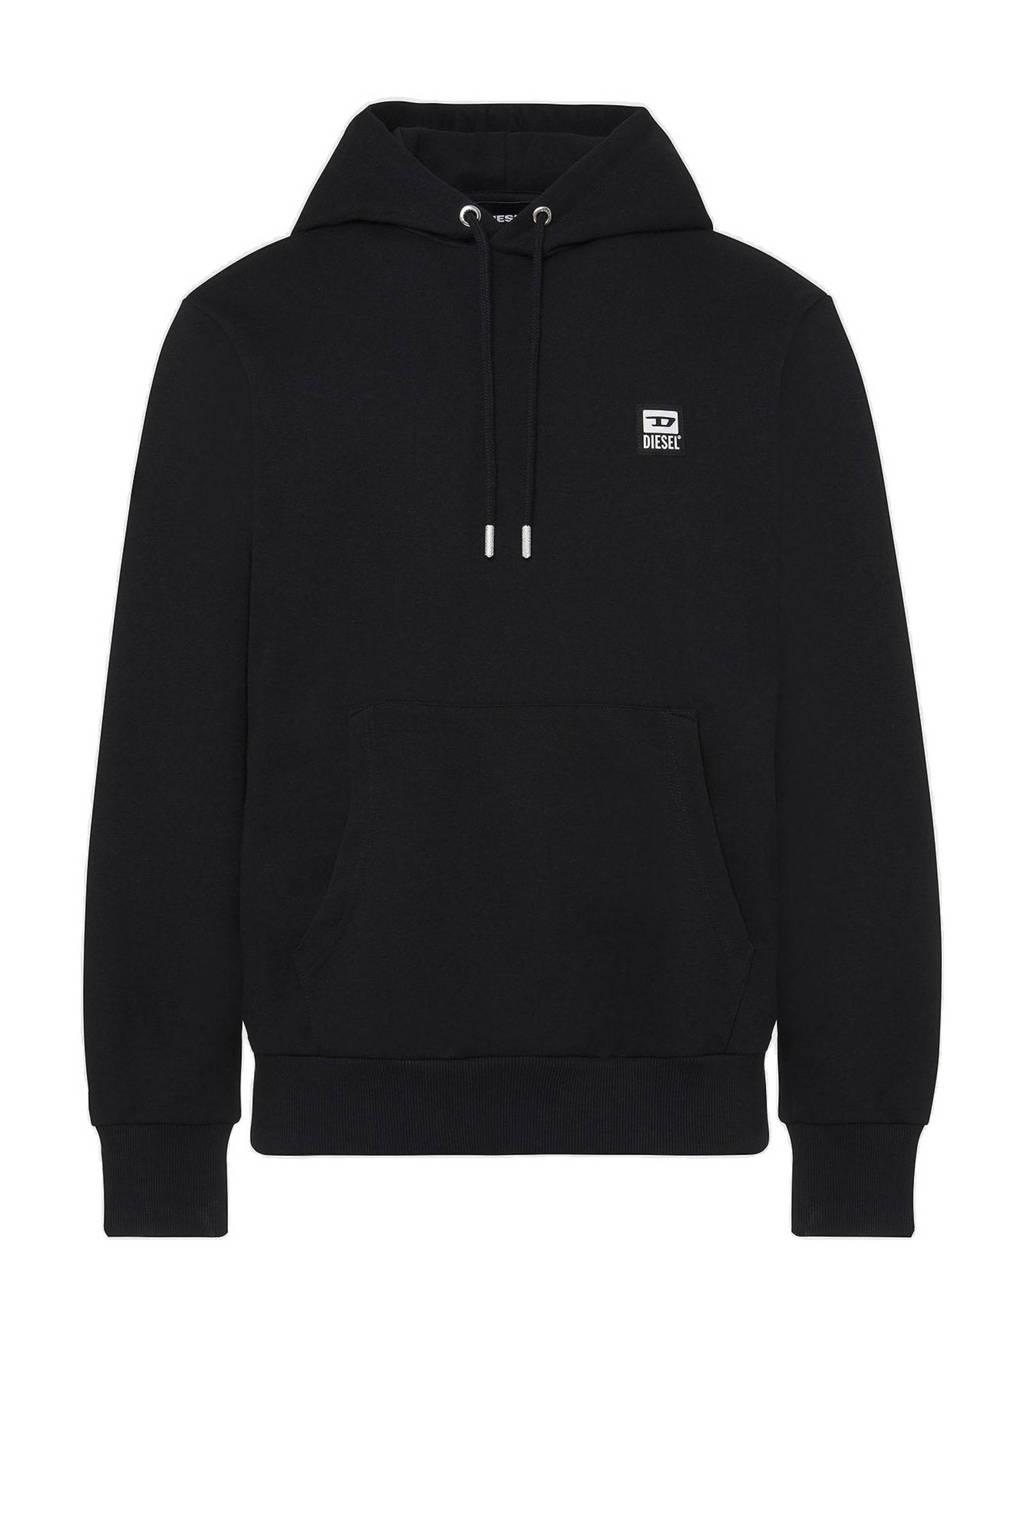 Diesel hoodie zwart, Zwart